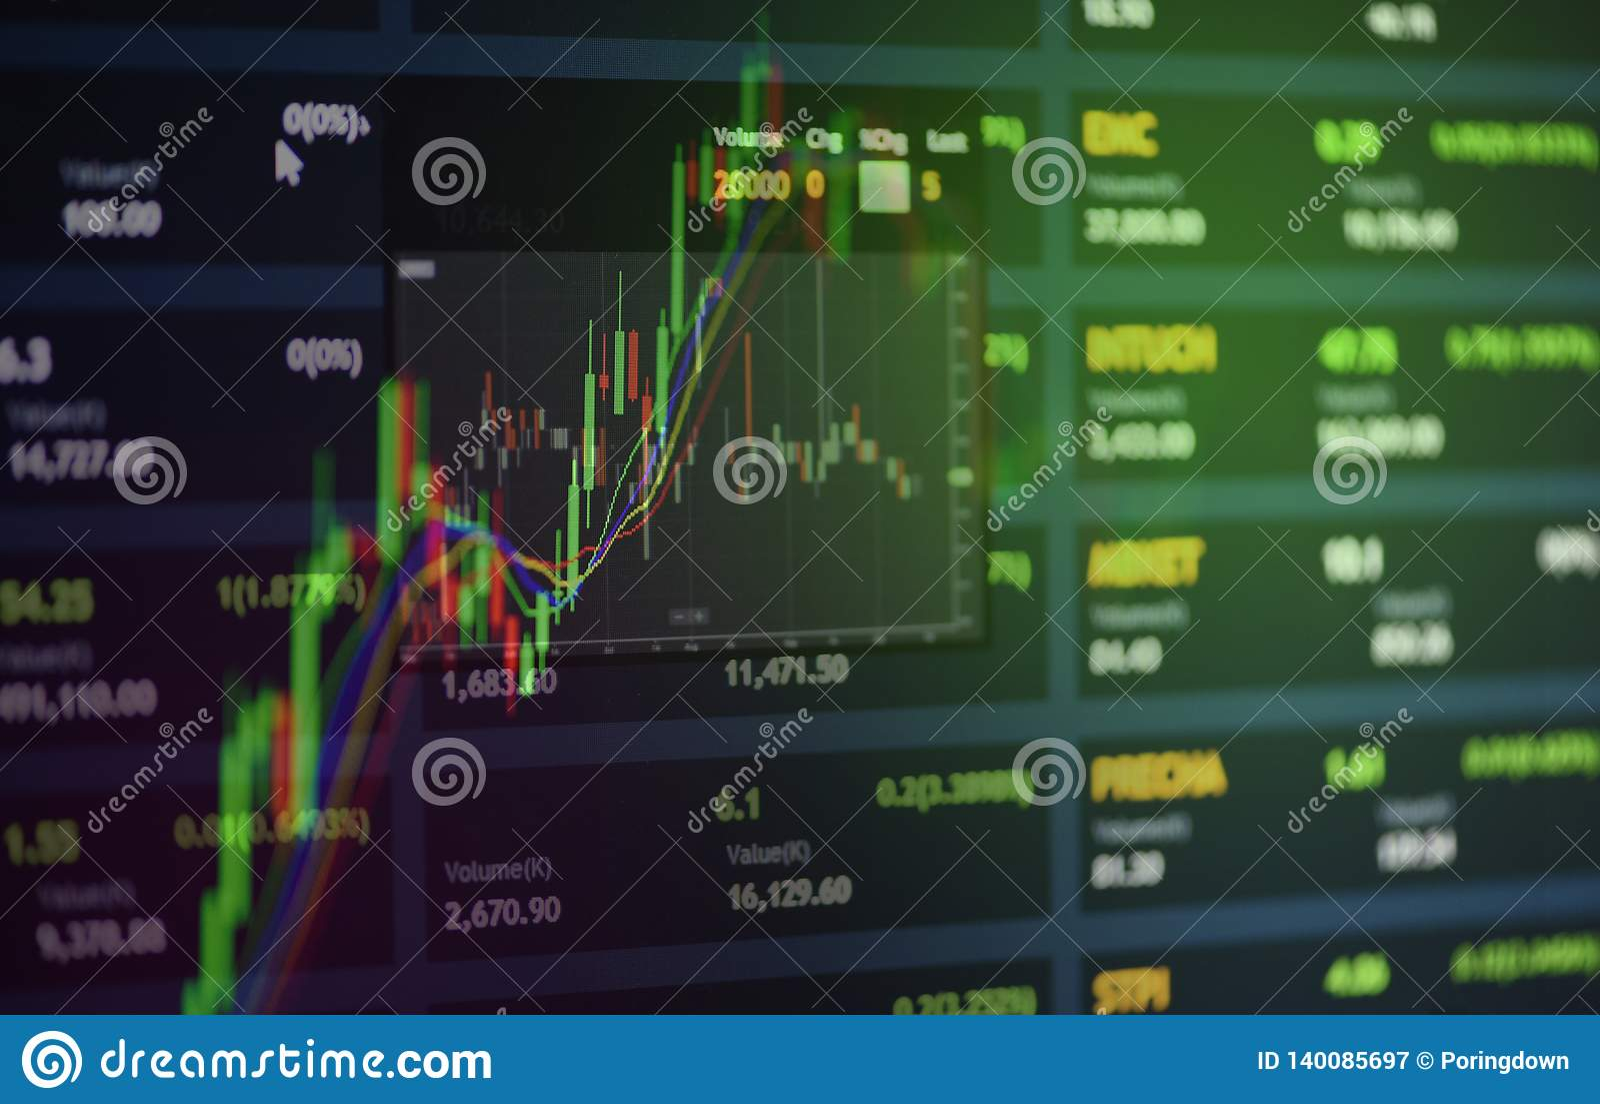 Mercado de bolsa de acción o indicador de la inversión del análisis del gráfico de las divisas cartas/del gráfico de negocio come